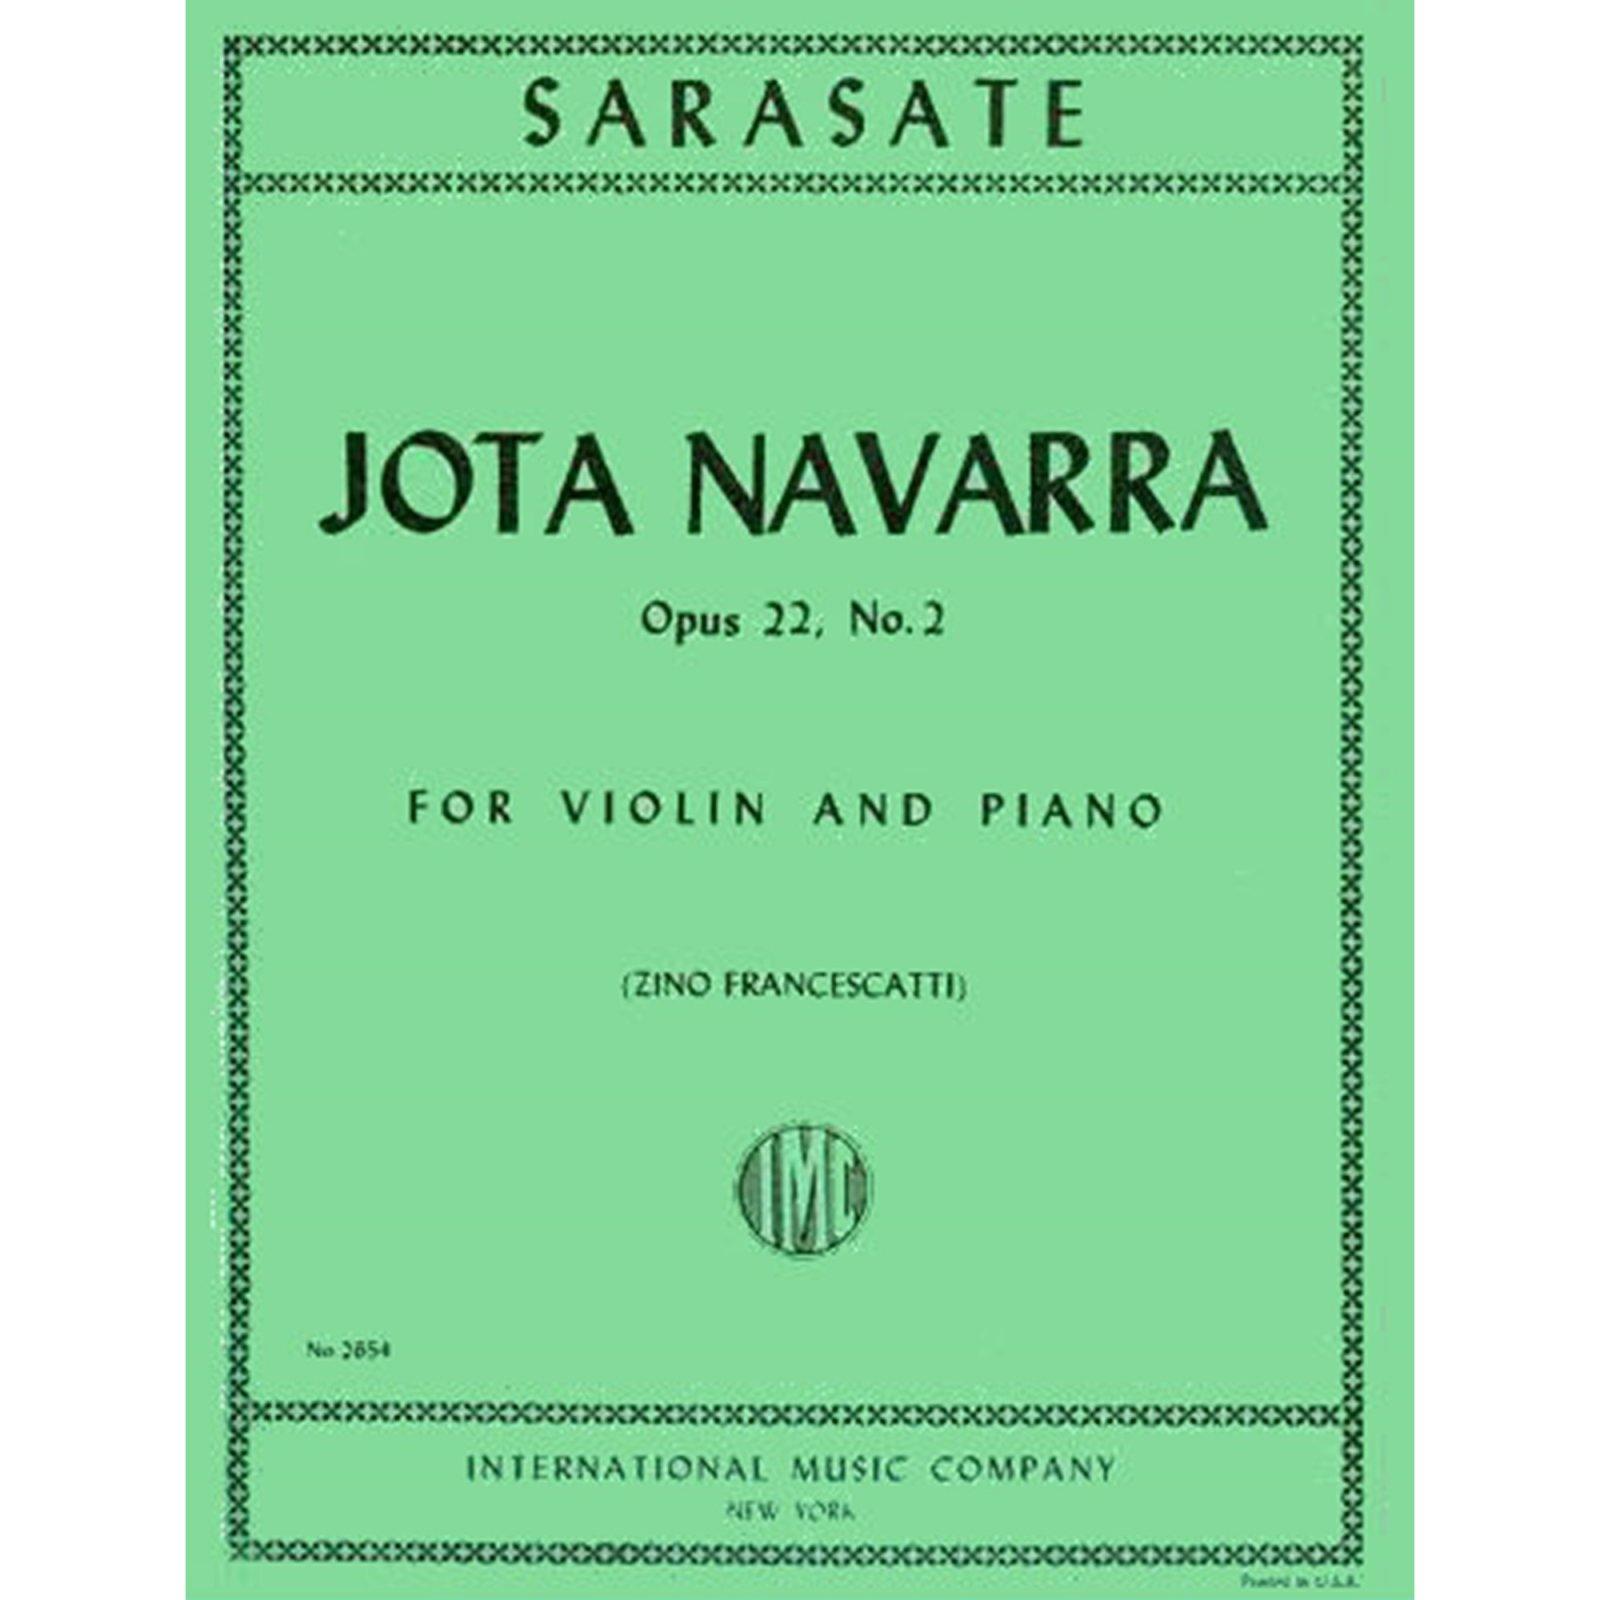 Sarasate: Jota Navarra Op. 22 No.2